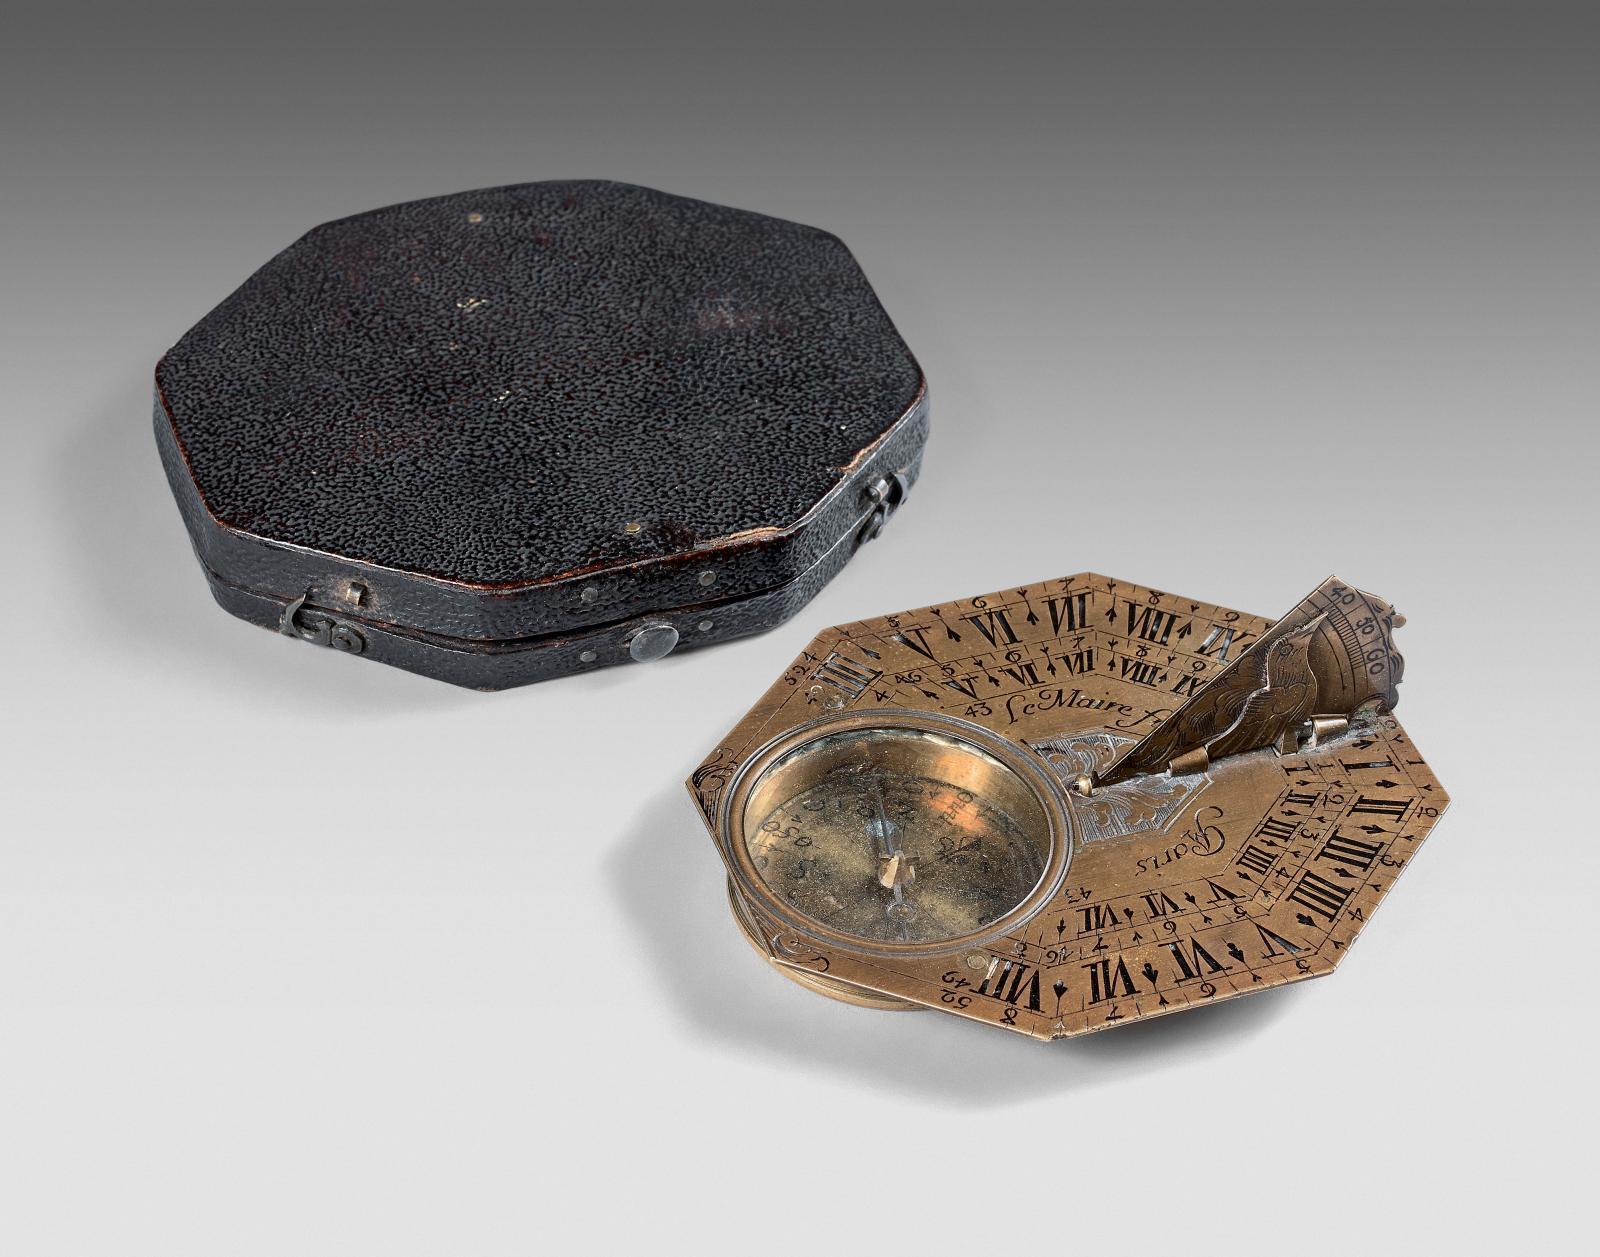 Vers 1660. Cadran solaire de voyage octogonal monolatitude à un cercle horaire en argent gravé de cuirs découpés et d'un drapé, signé «Lef